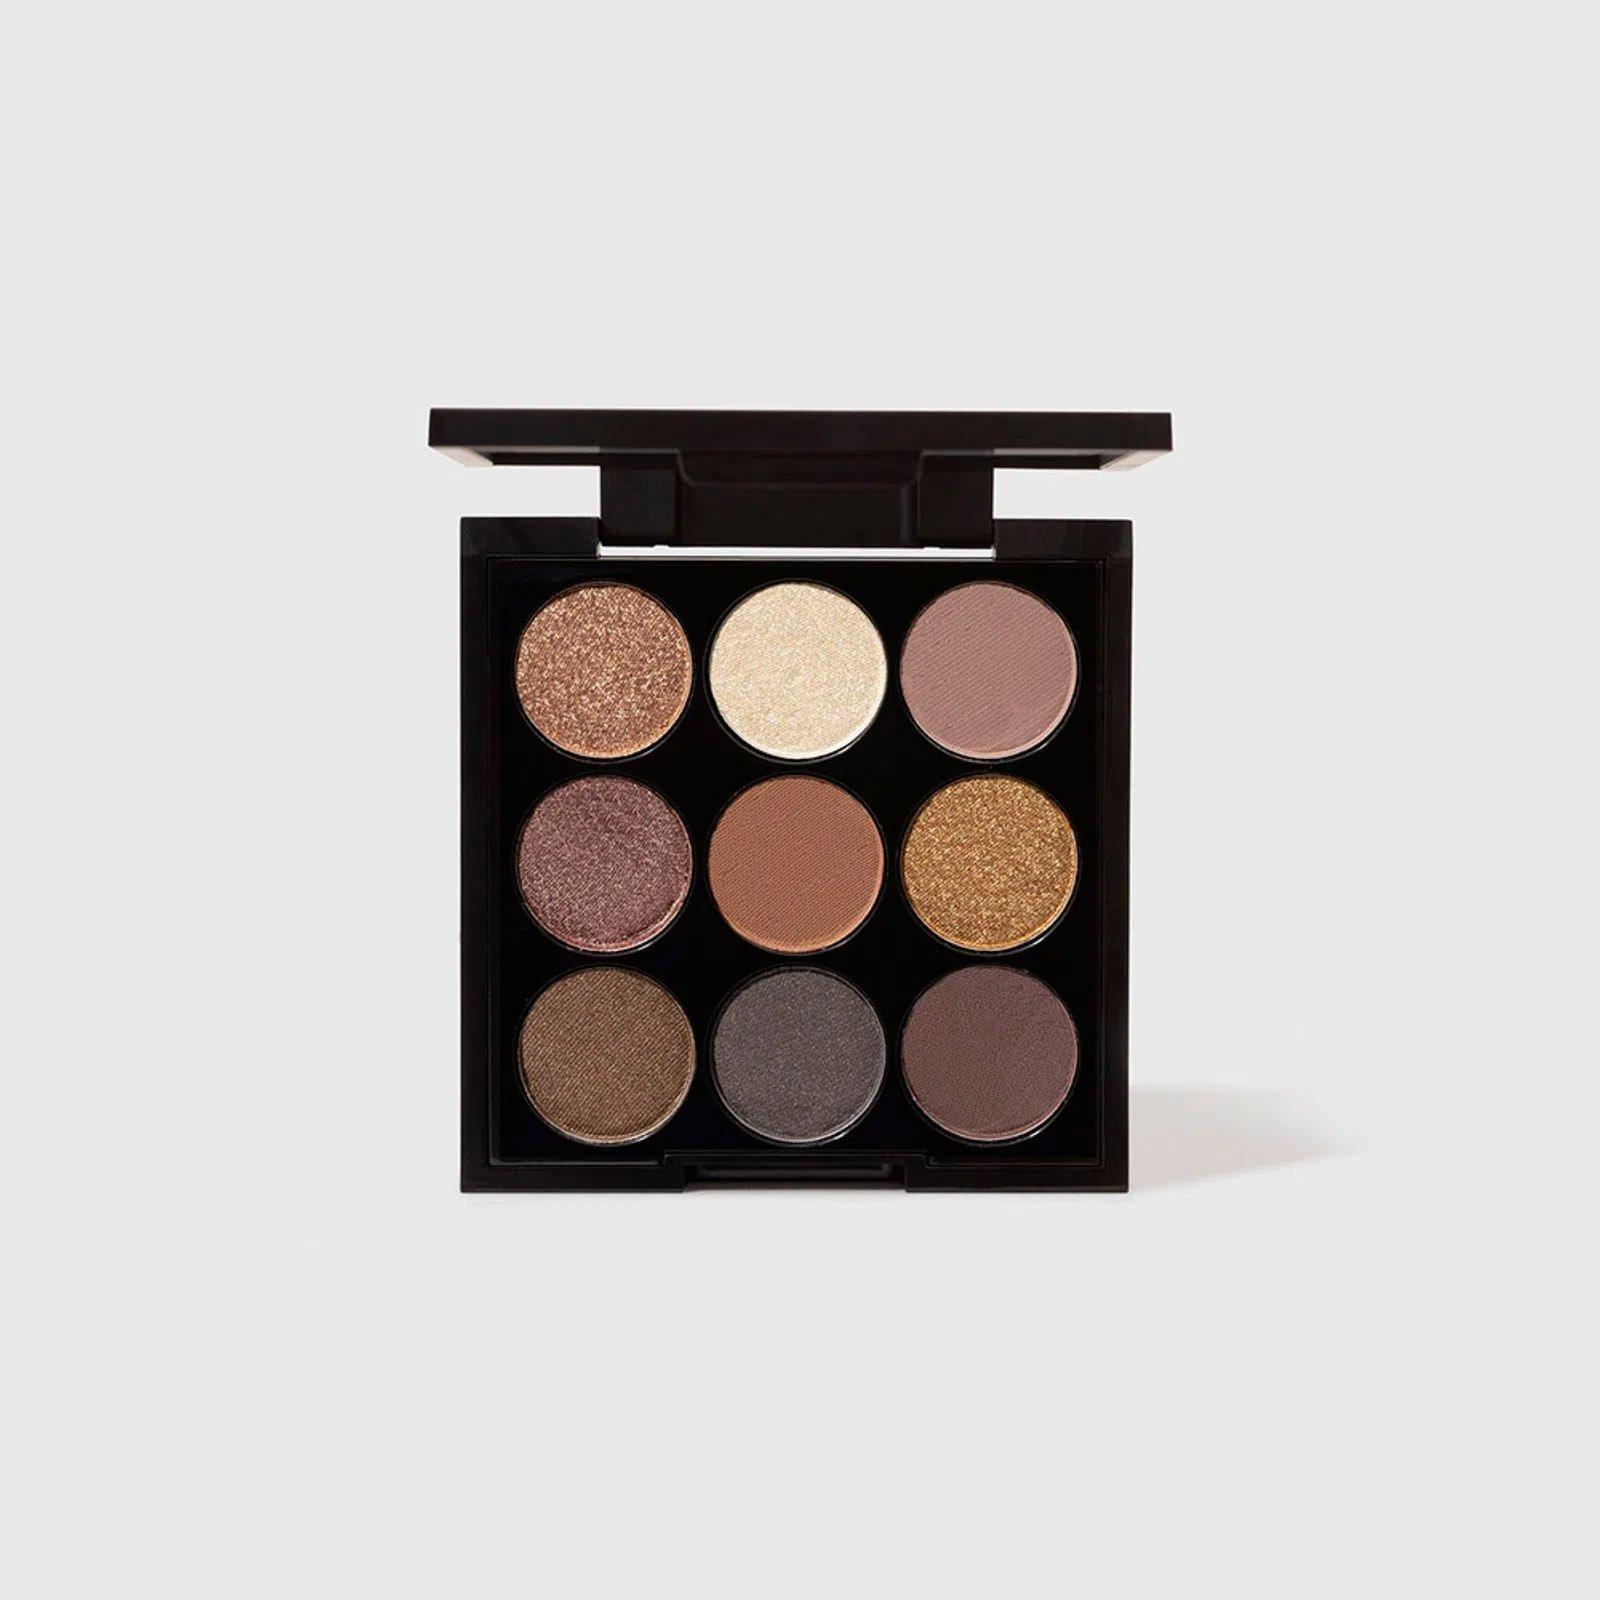 maquiagem paleta de sombras to go basic oceane nadia tambasco 51365 2000 204096 2